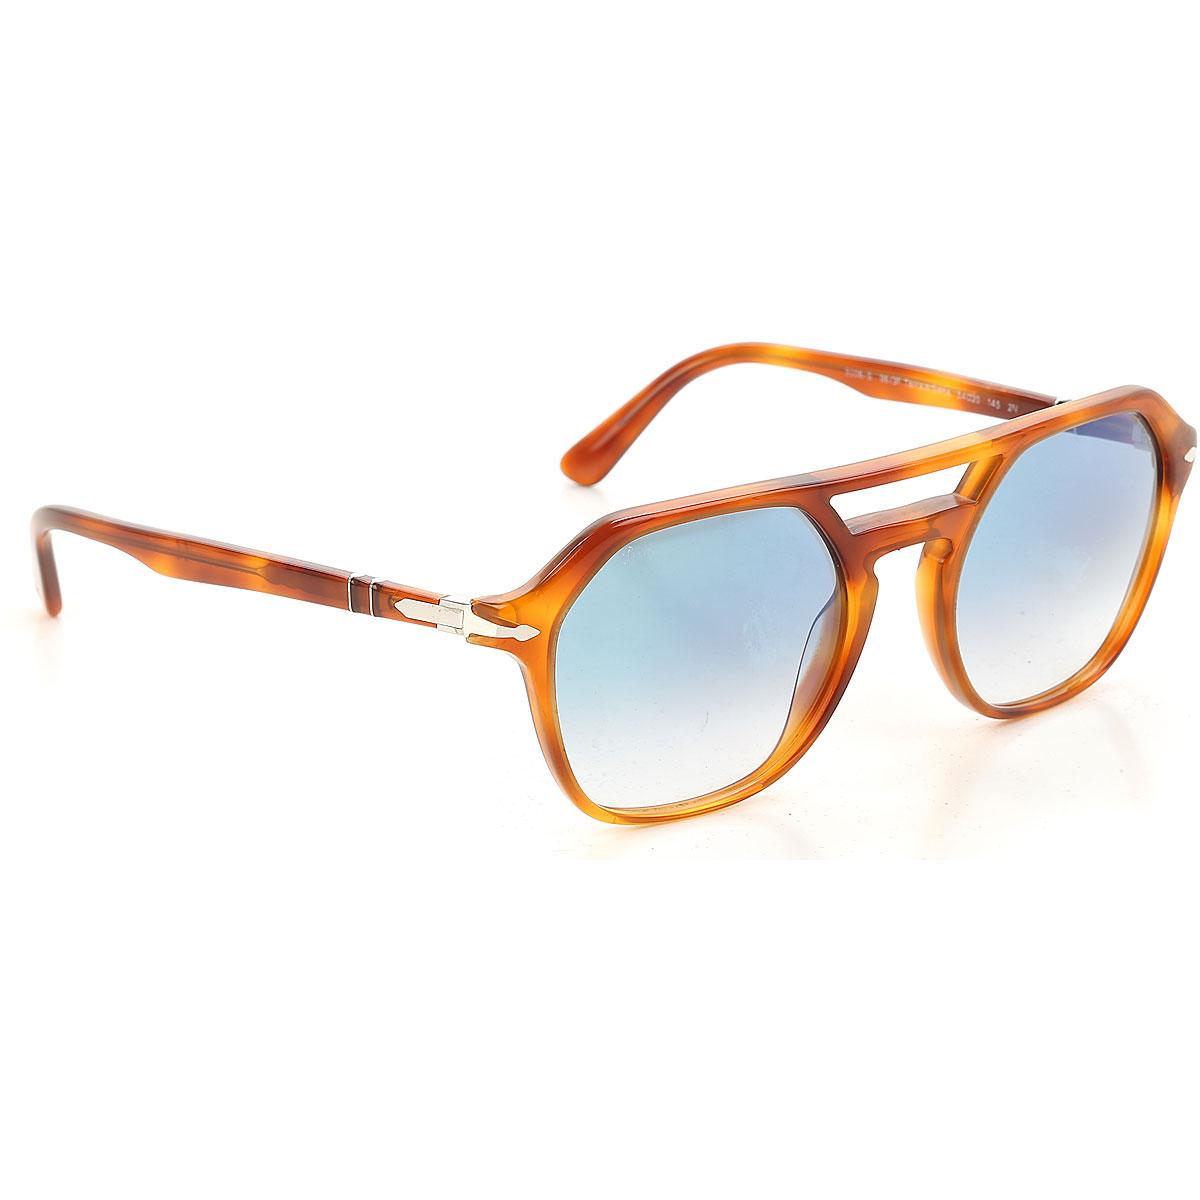 Persol Sunglasses On Sale, Terra di Siena, 2019